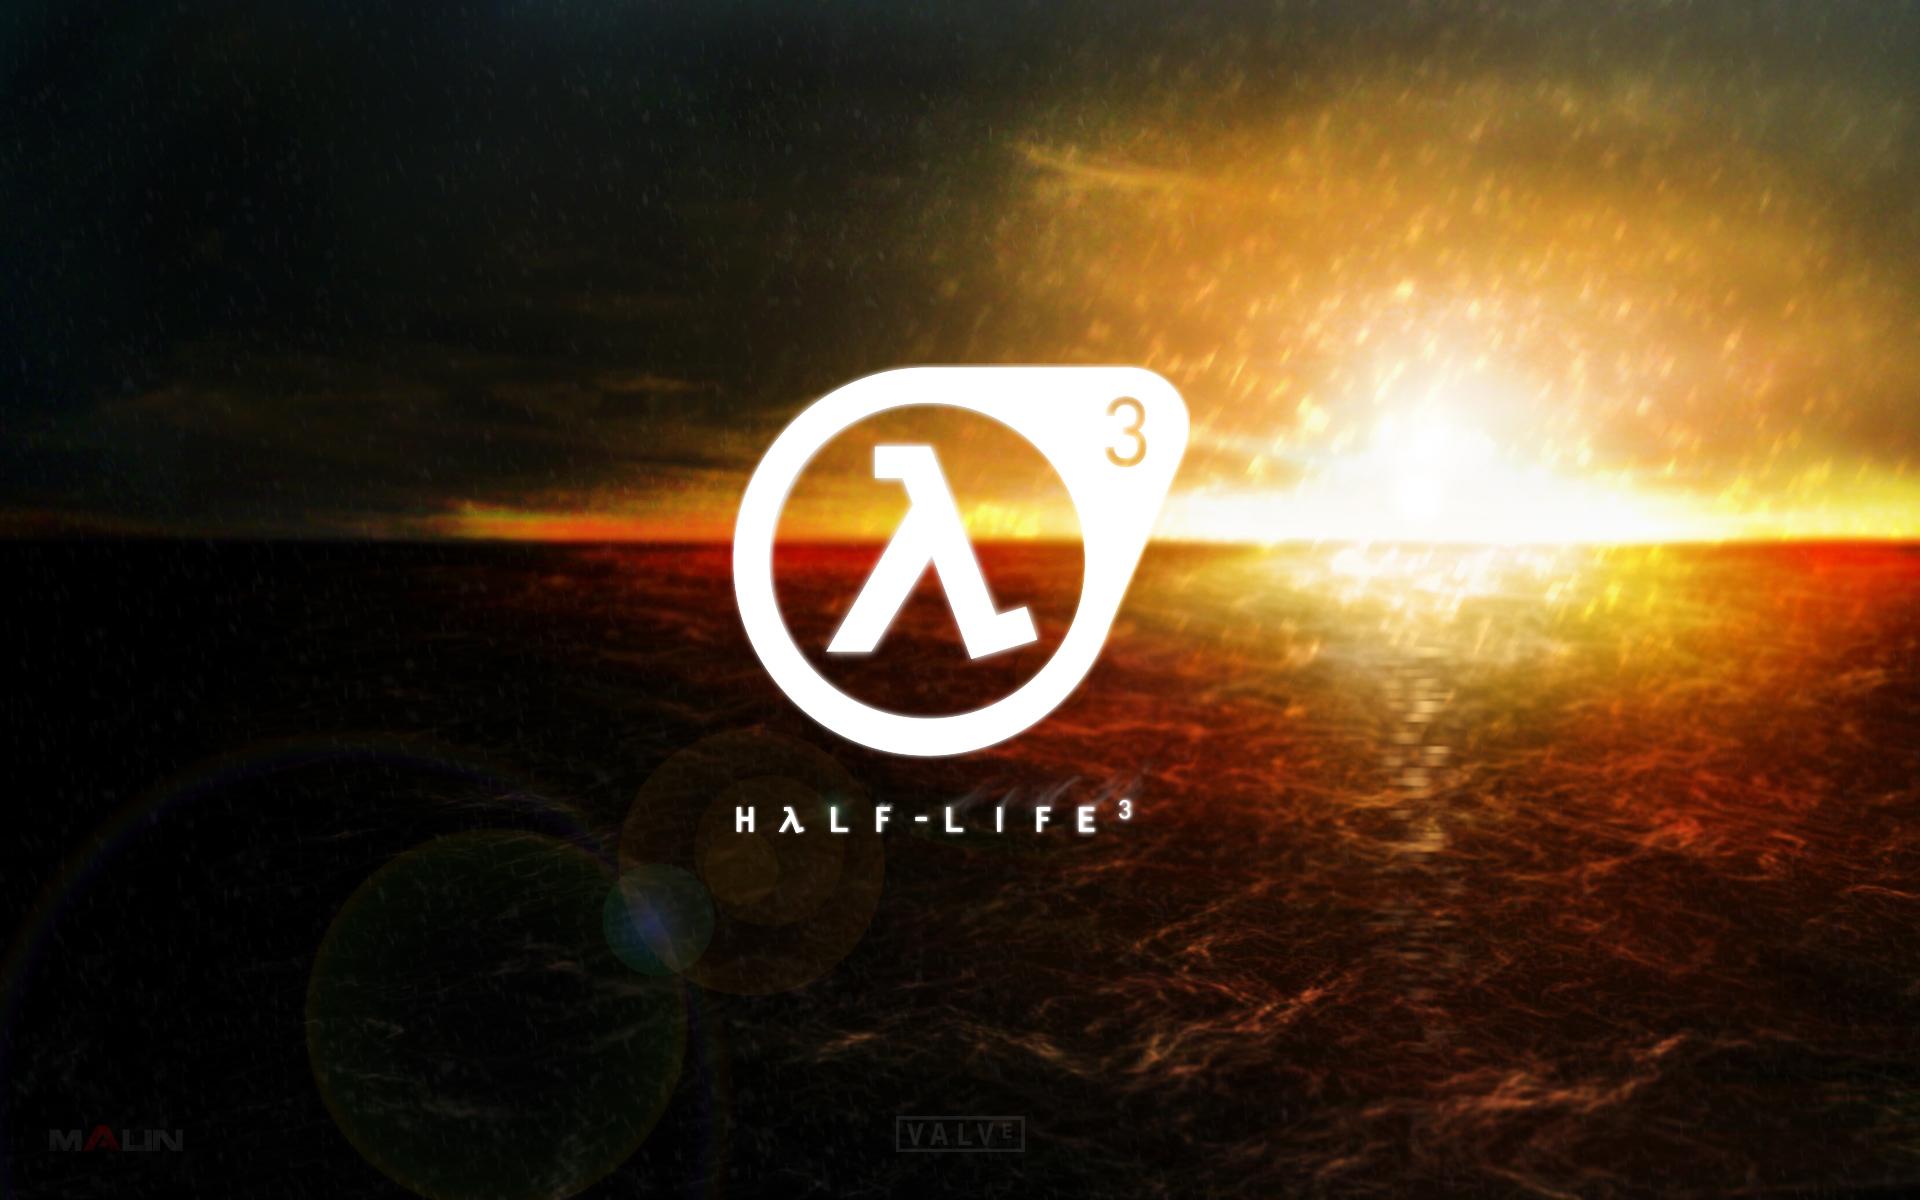 half-life-3-e3-2015